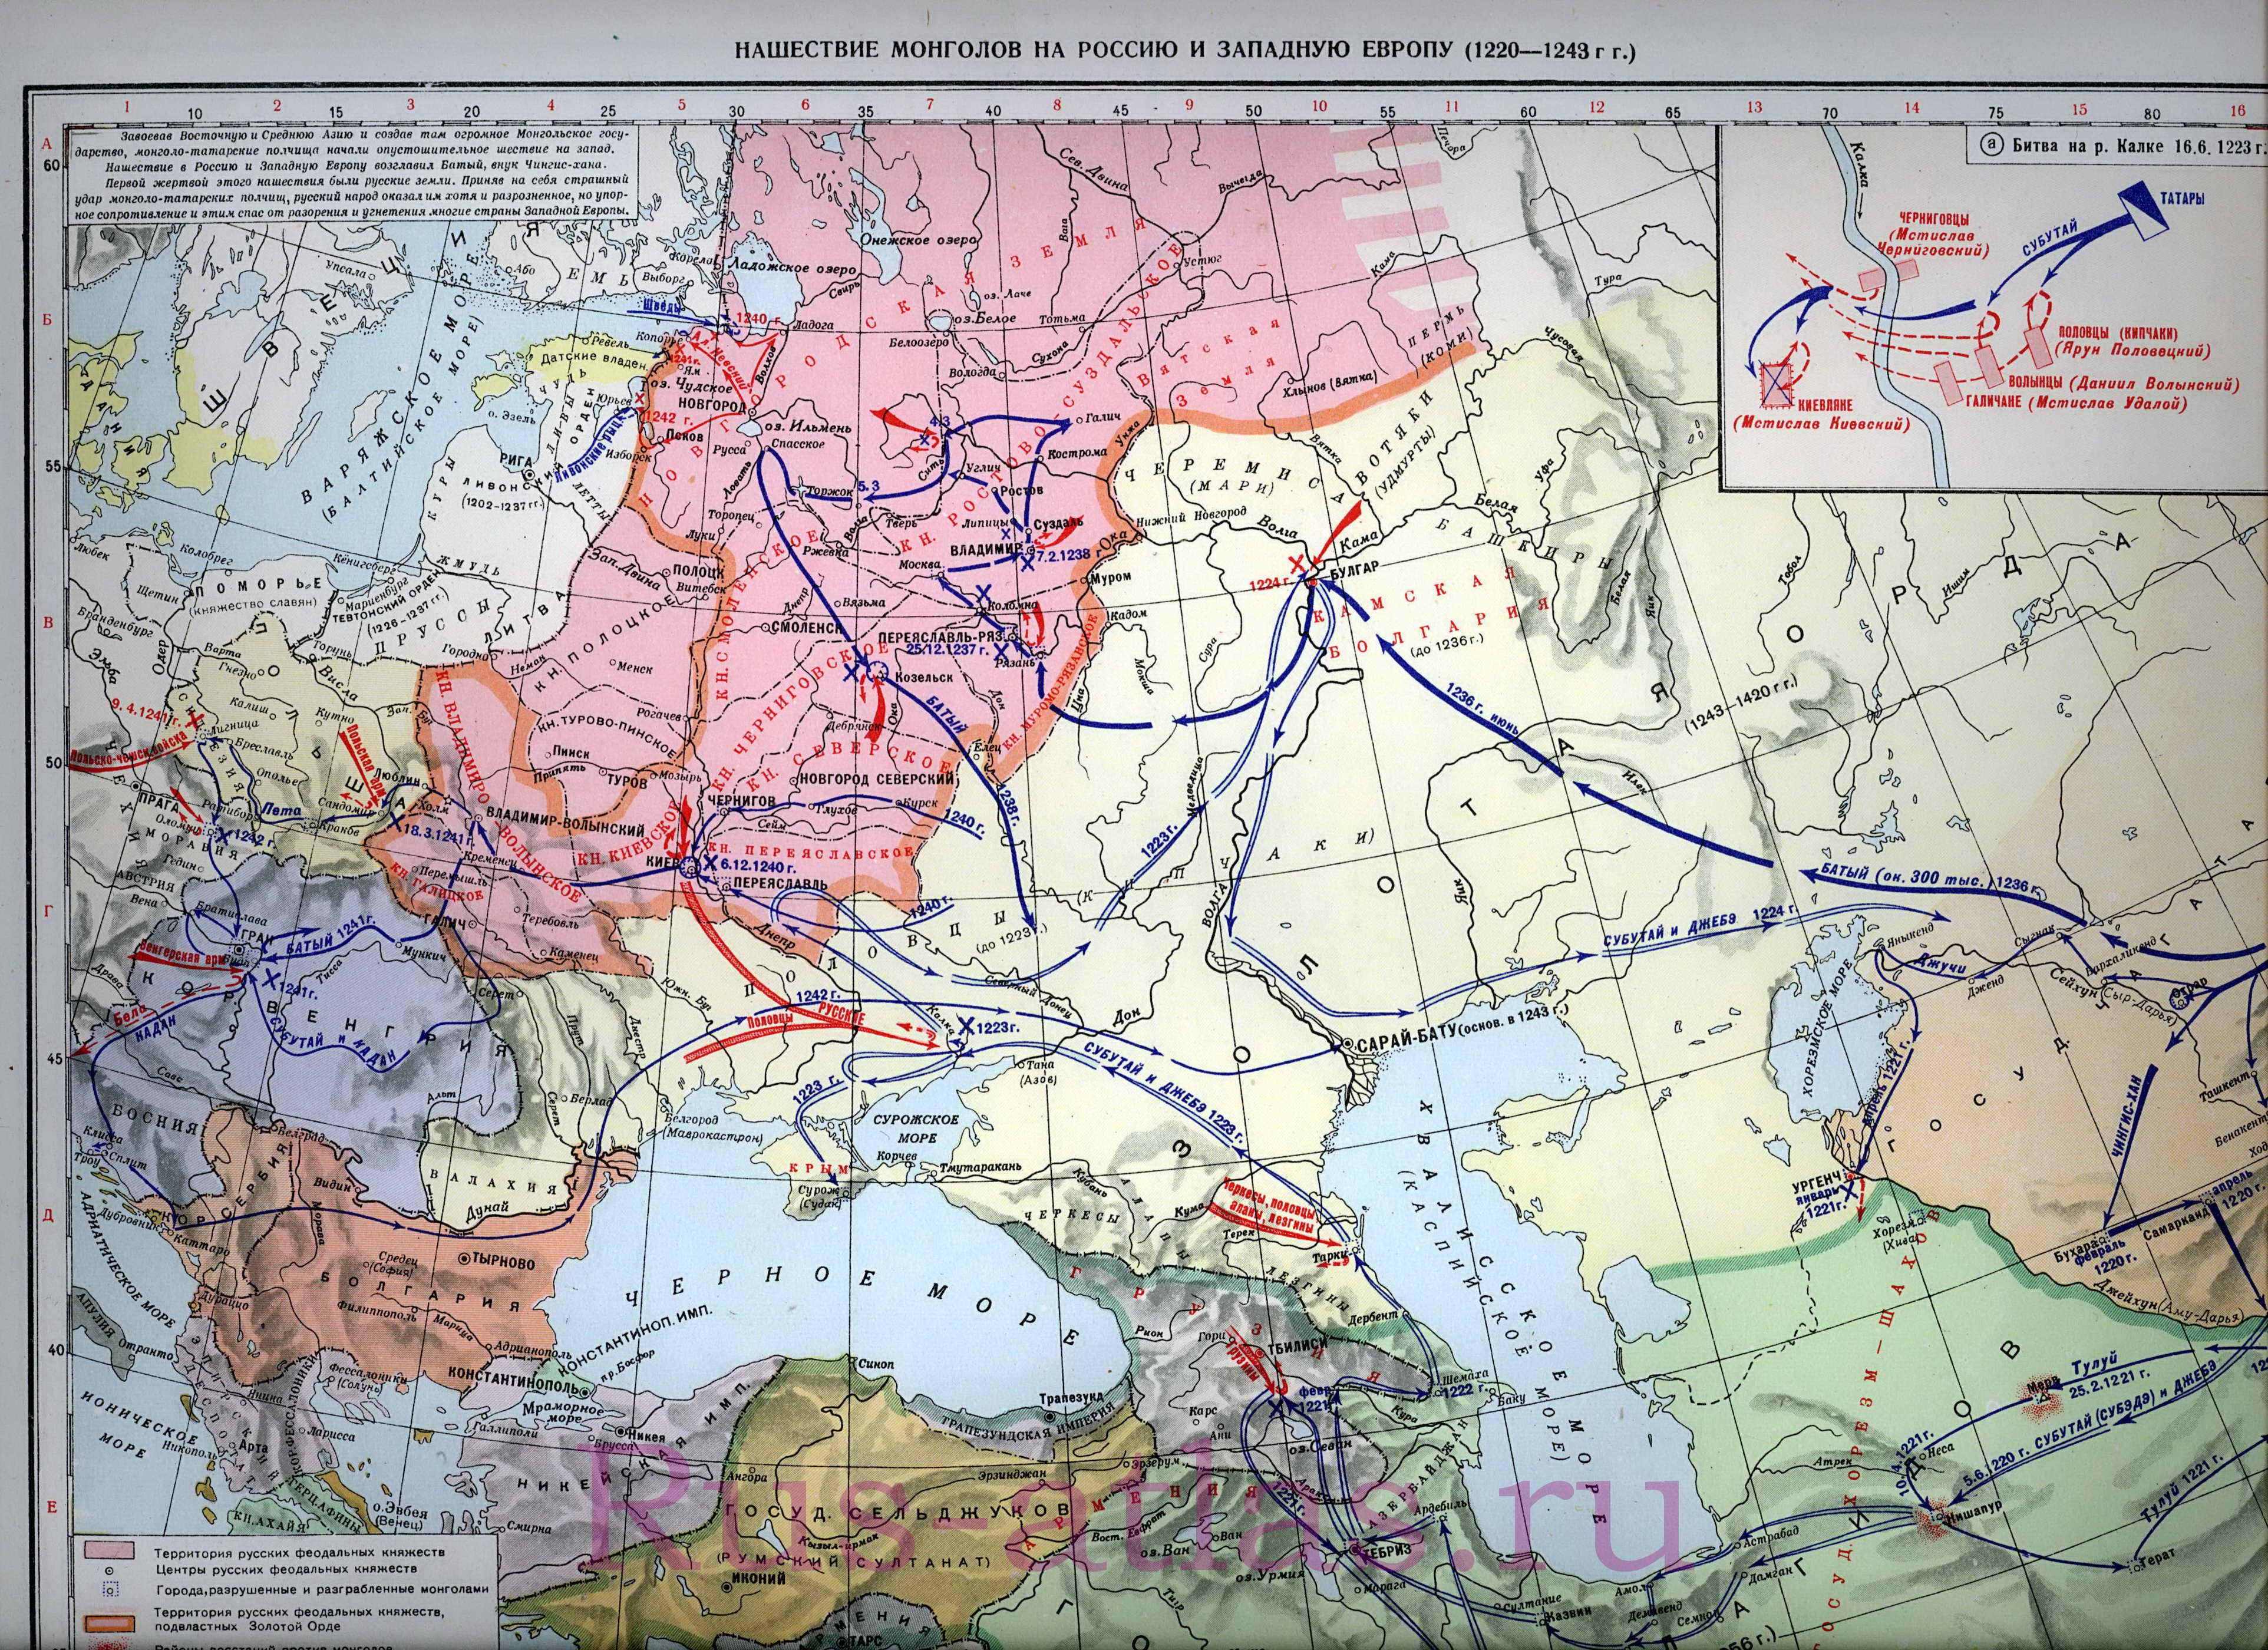 Невскую битву.  Также с запада Руси угрожала Европа, была угроза Швеции, Германии.  О них вы можете узнать в нашей...